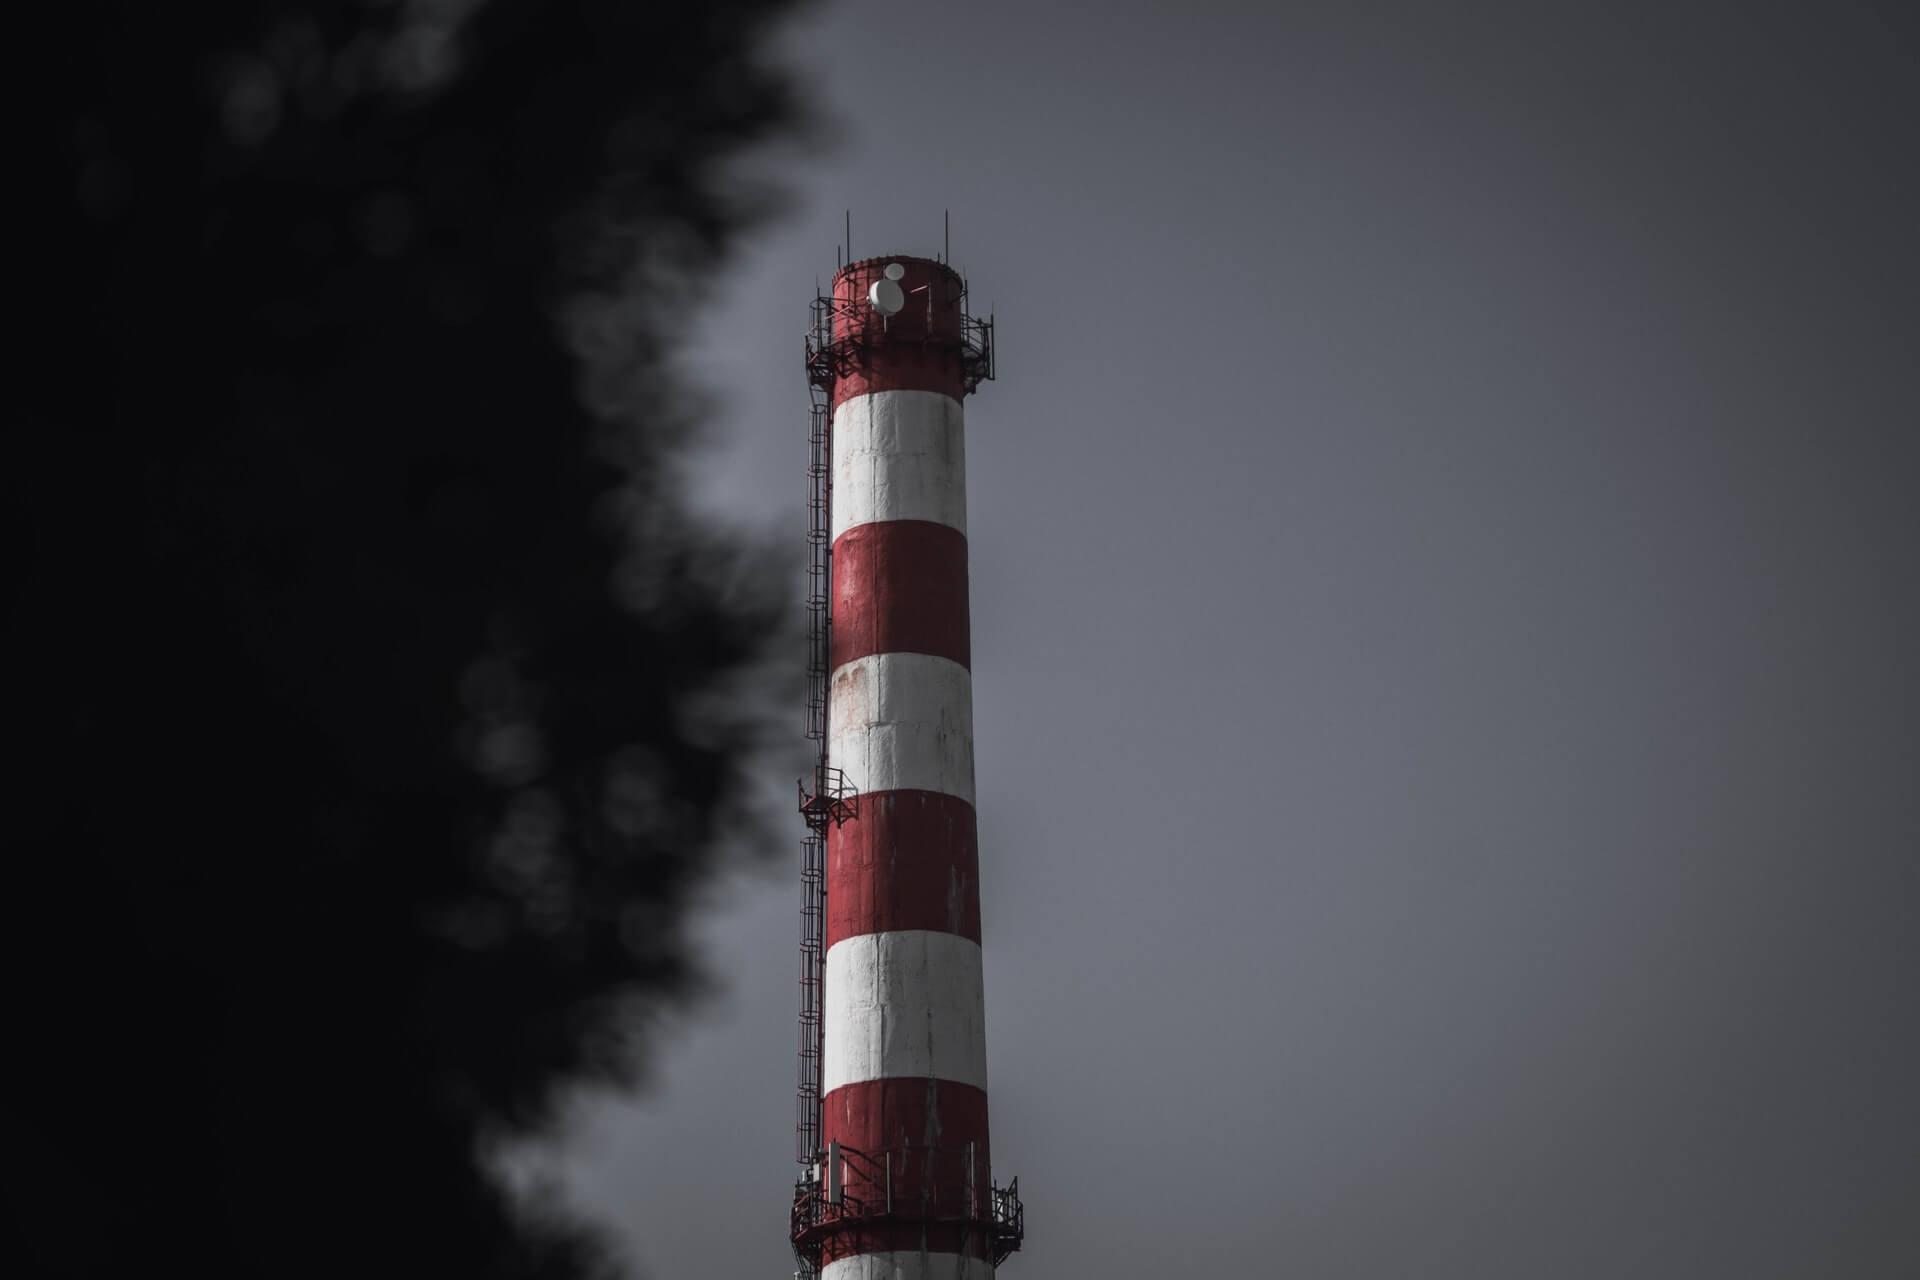 Budućnost države postaje zelenija: Hrvatski energetski sustav više neće ovisiti o ugljenu